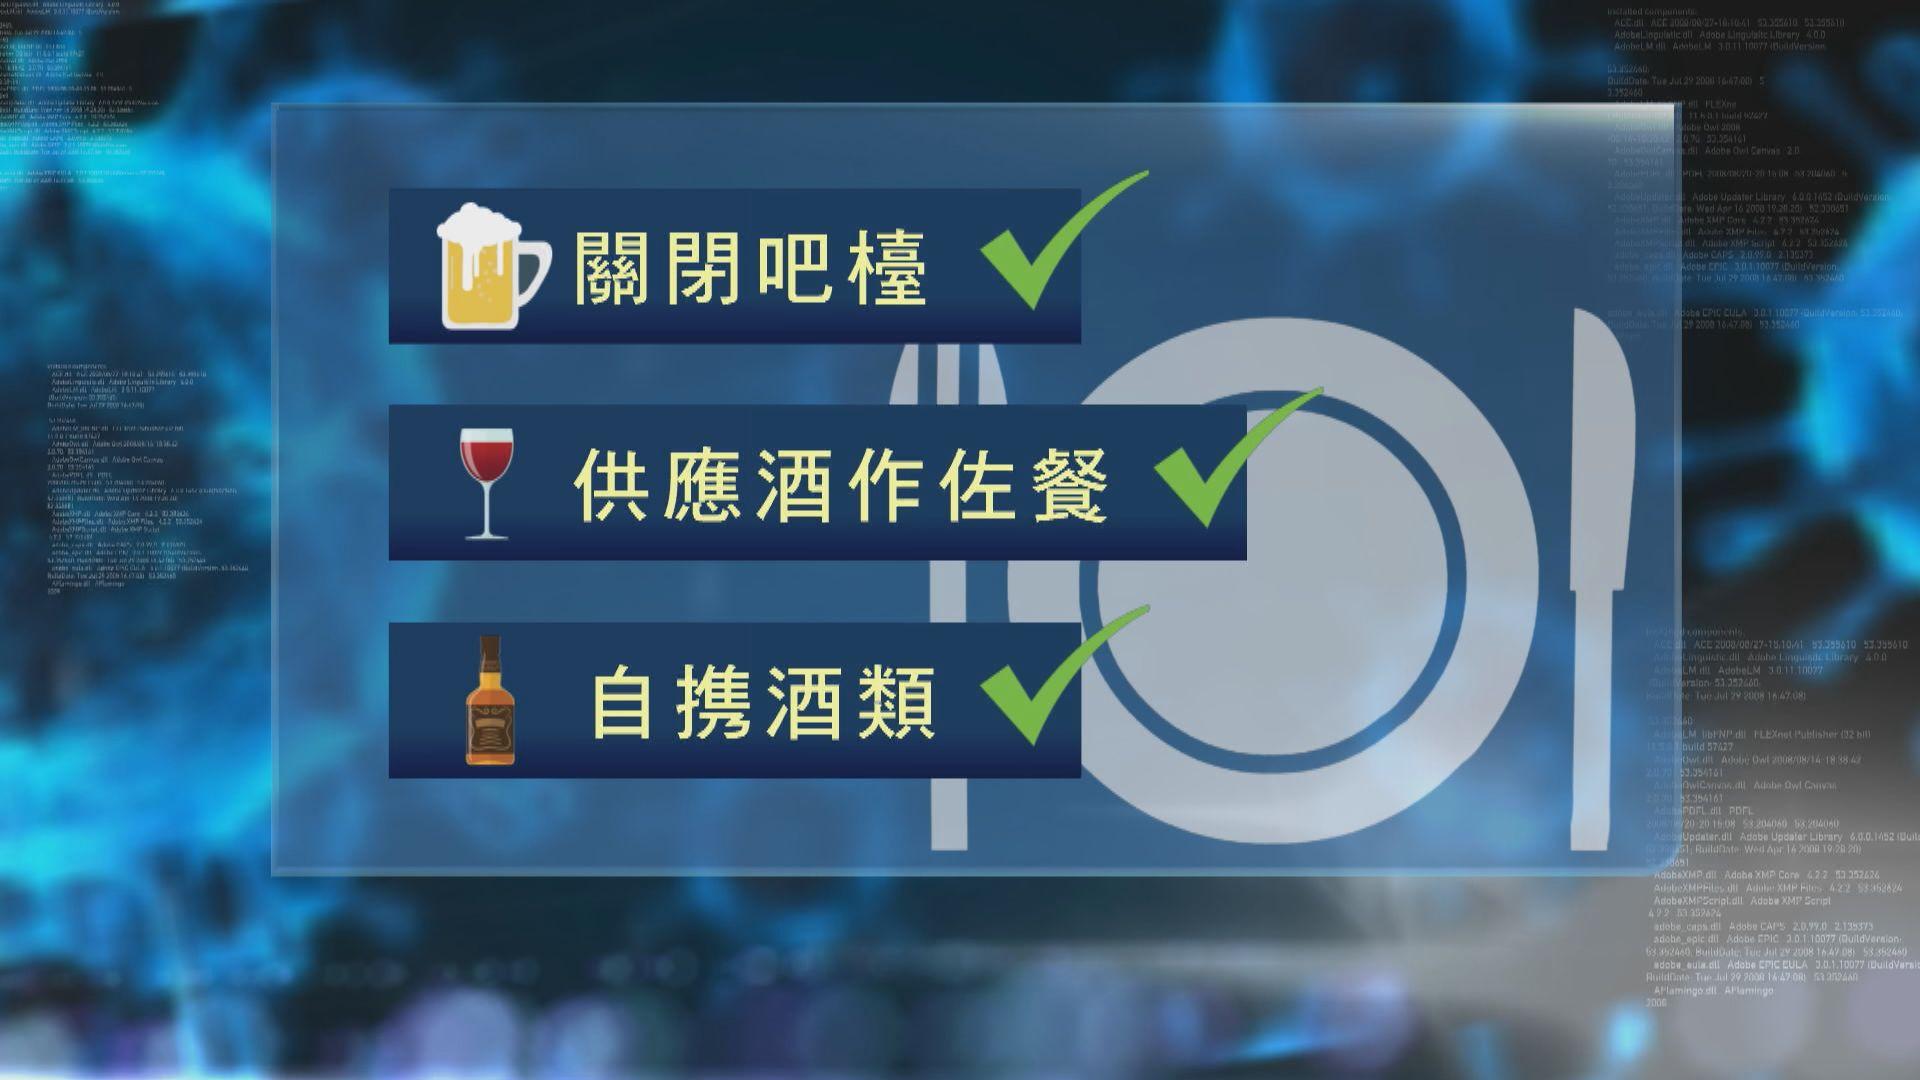 食衞局:食肆以膳食為主 提供佐餐酒類不受影響